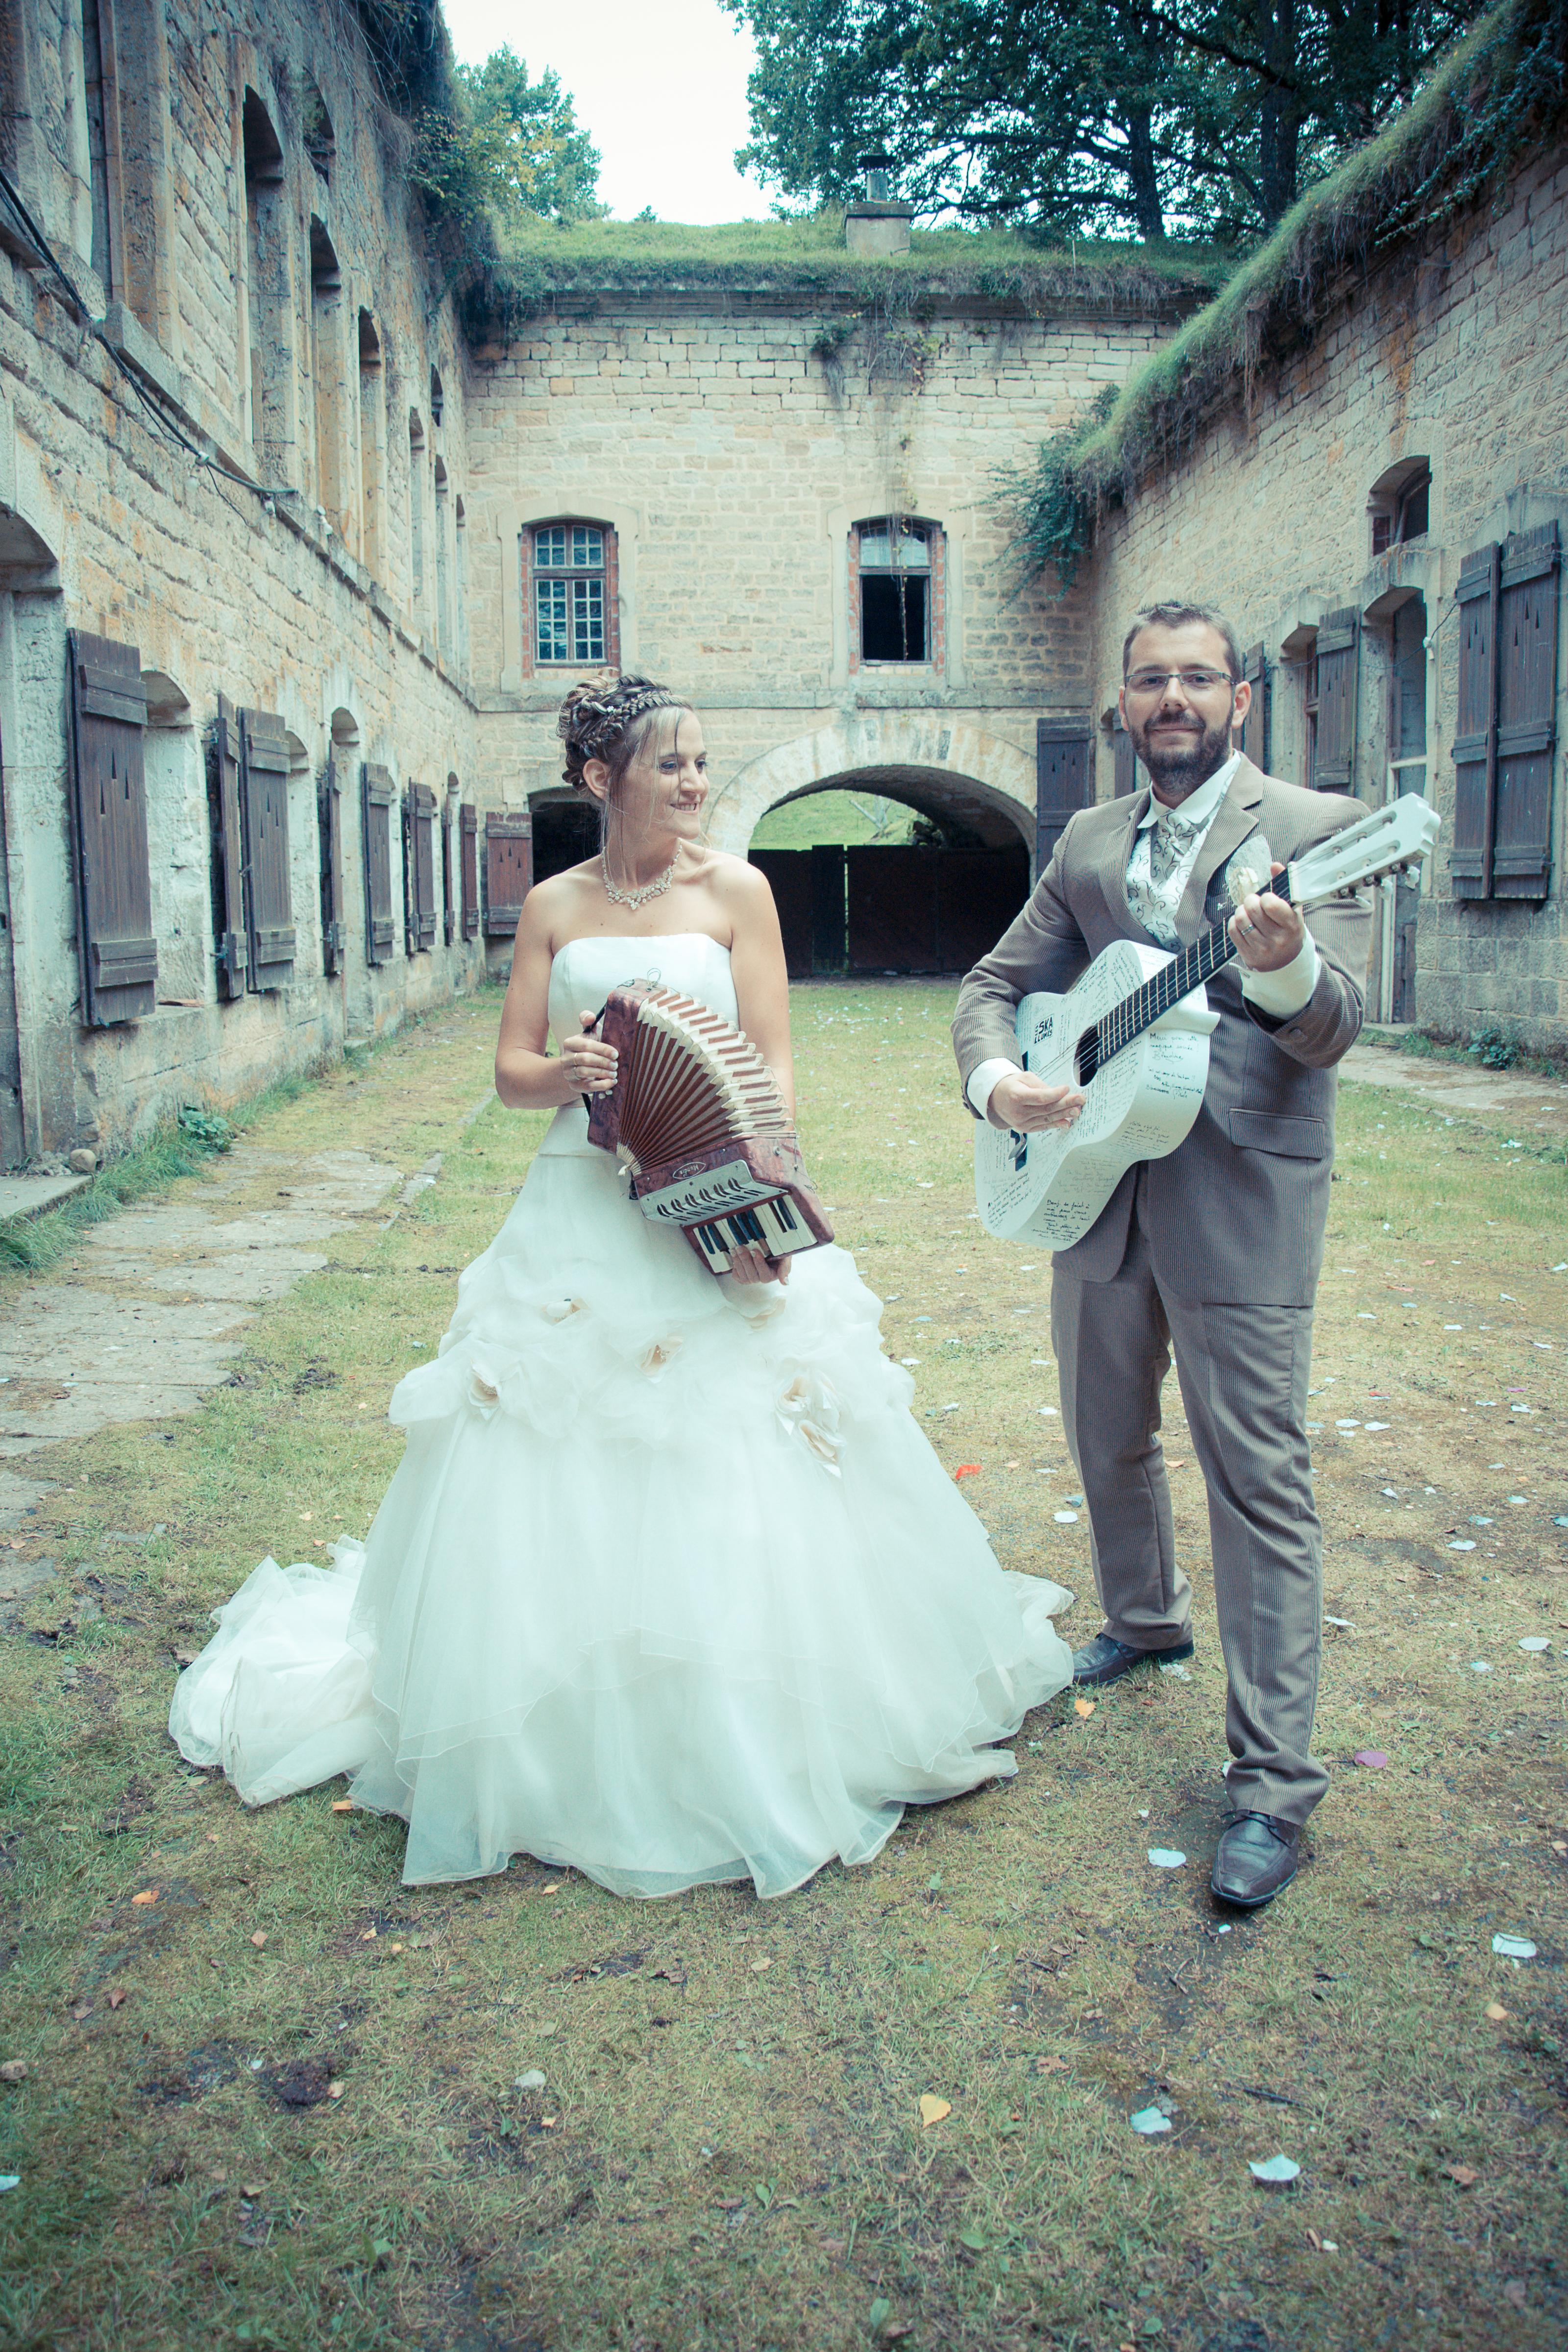 Les petits moments -  amour en musique    (35).jpg